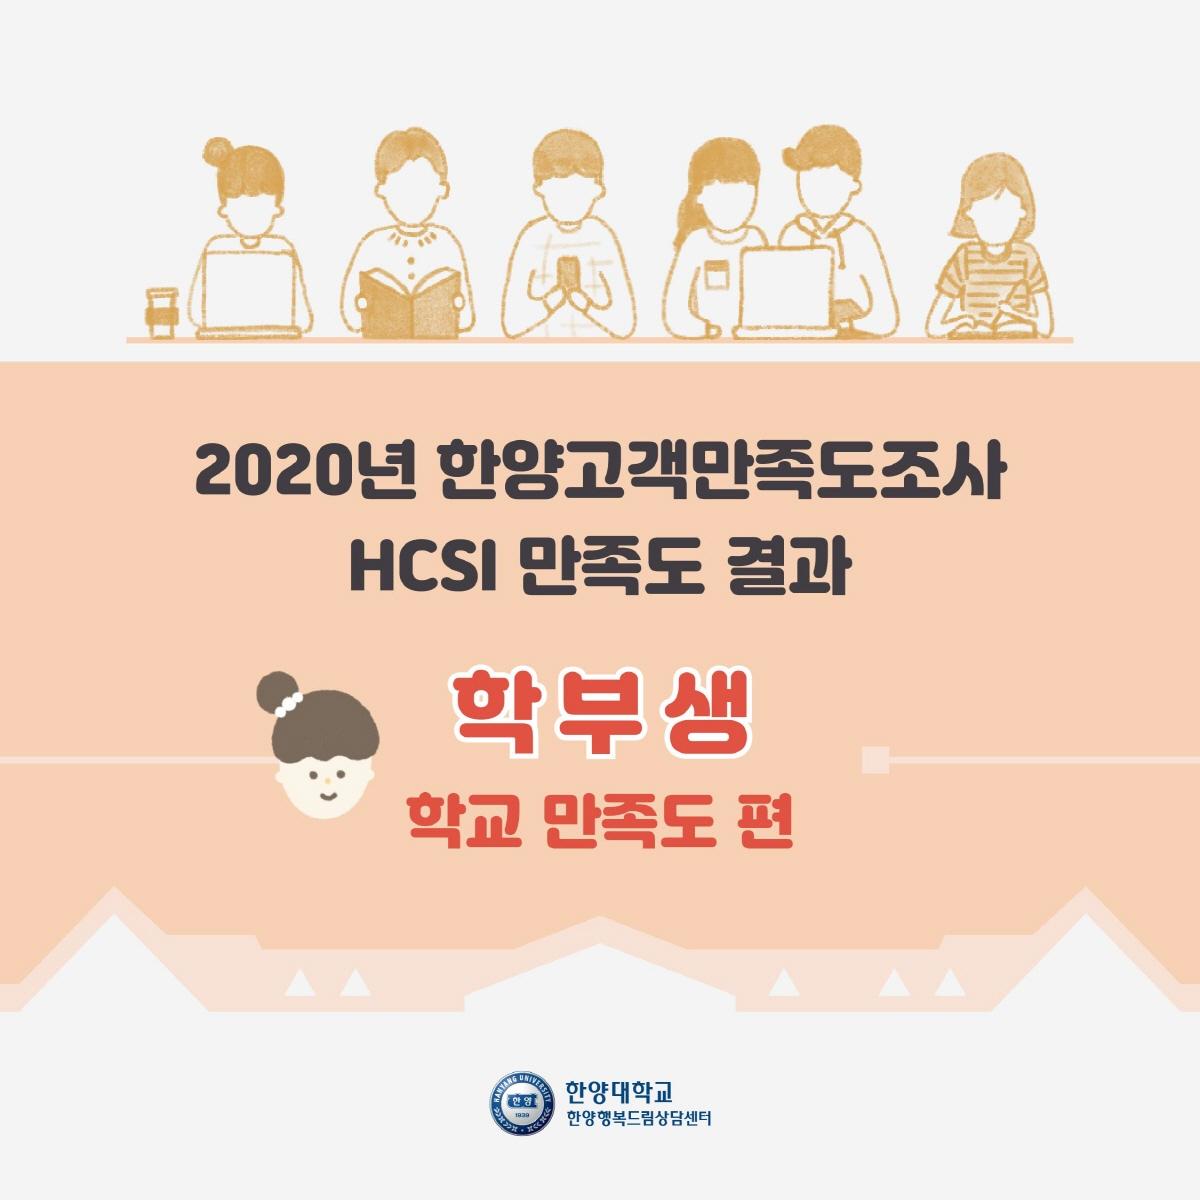 2020 한양고객만족도조사 결과 : 학부생 학교만족도 편